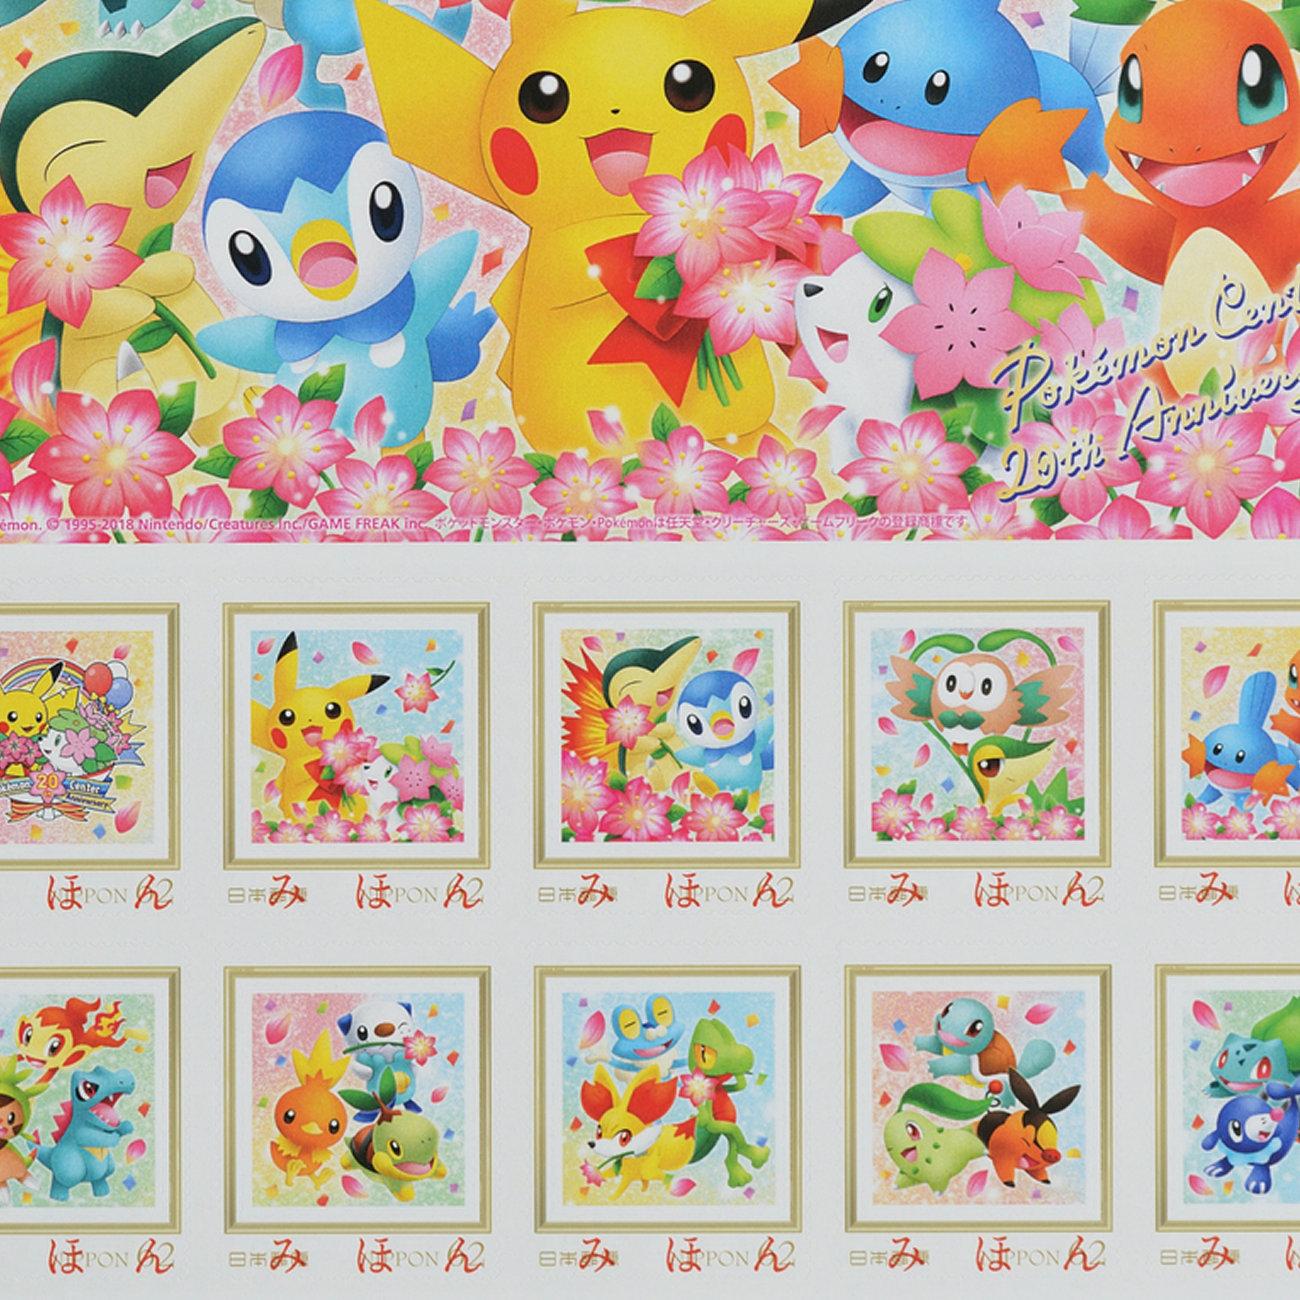 ポケモンセンター、20周年の記念切手。ポストカード